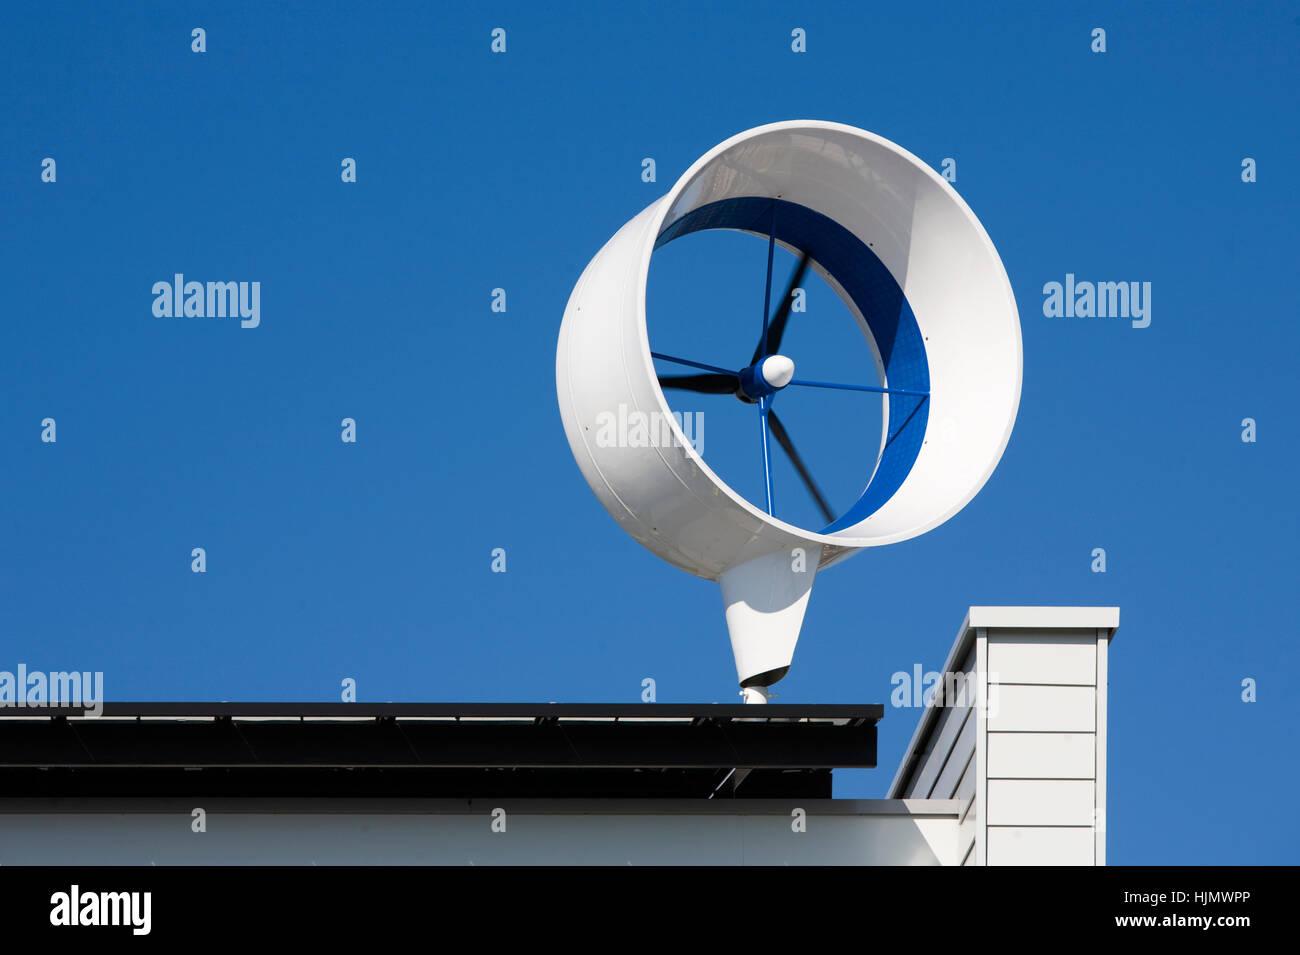 Privat, Haus, Gebäude, Umwelt, Industrie, Propeller, Umwelt, Energie,